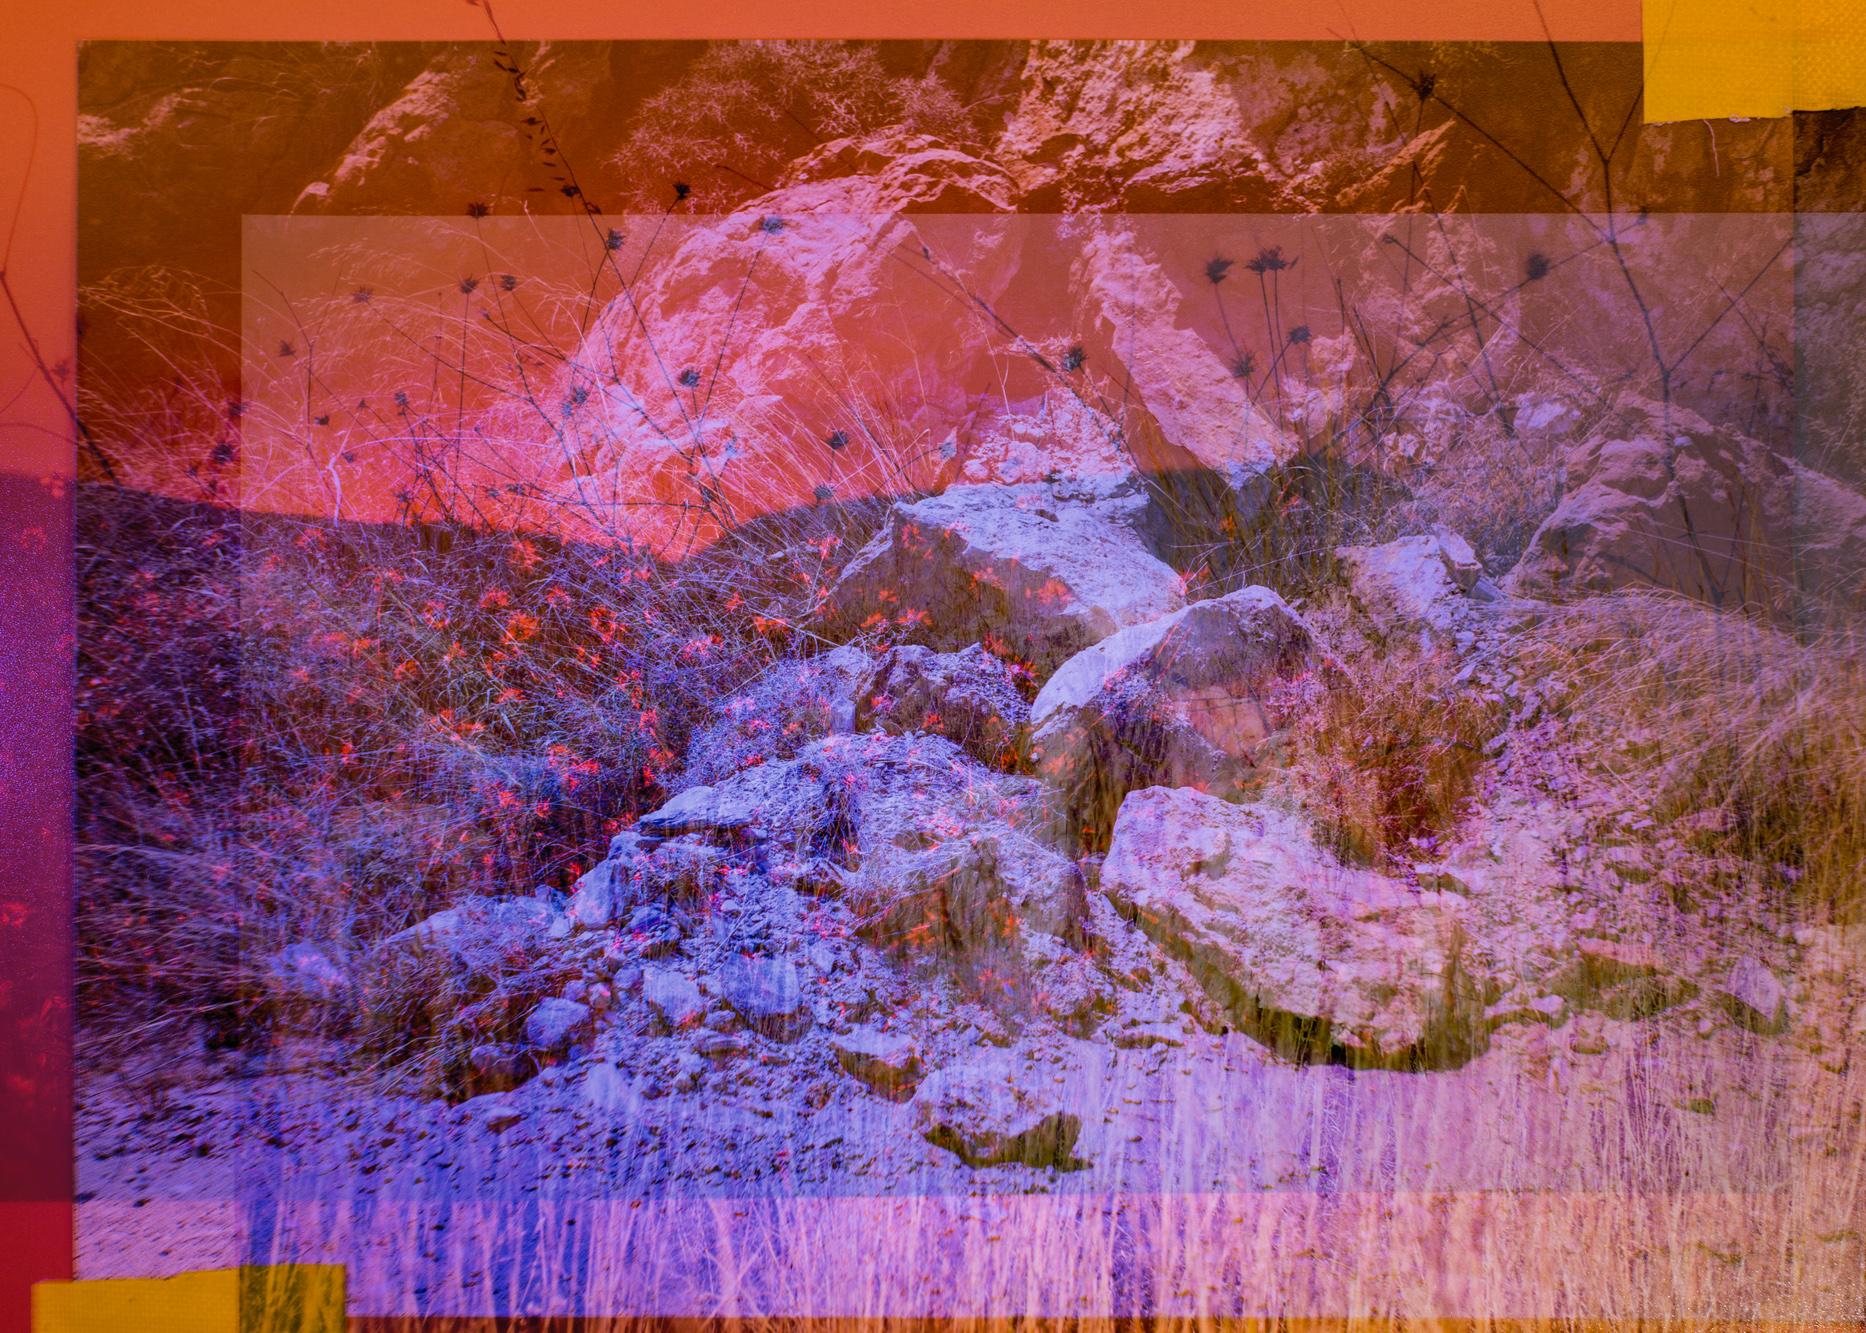 Diffraction Landscape #1656